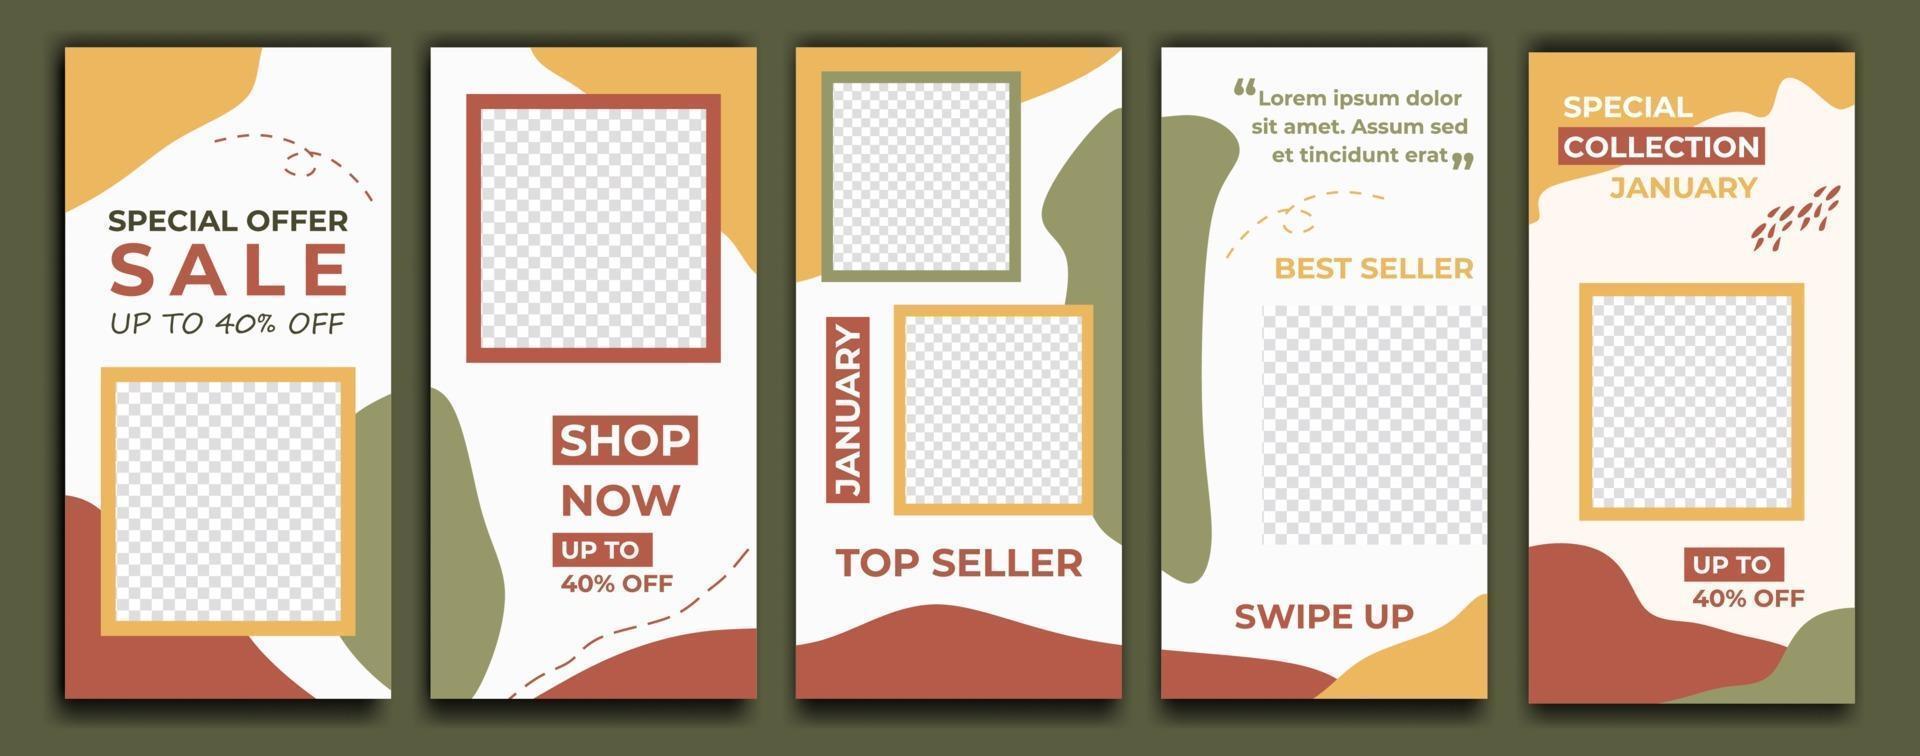 berättelsemall för sociala medier för sociala medier. paket för att skapa ditt unika innehåll. trendig redigerbar mall för berättelser för sociala nätverk, vektorillustration. marknadsföring mode mode. vektor